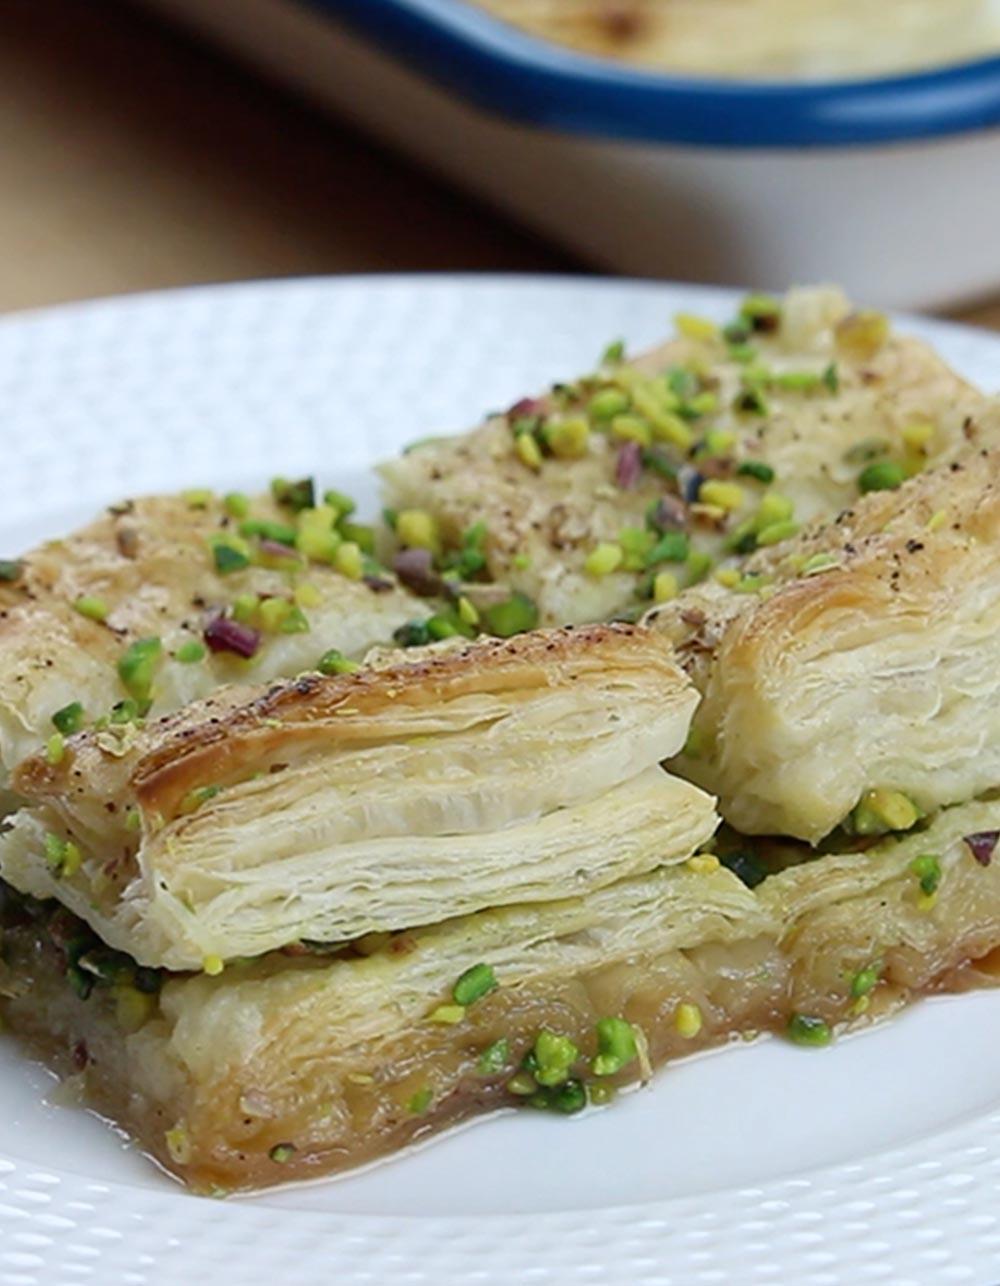 Ramazan Bayramı'nda pratik ve lezzetli geleneksel şerbetli tatlı tarifleri